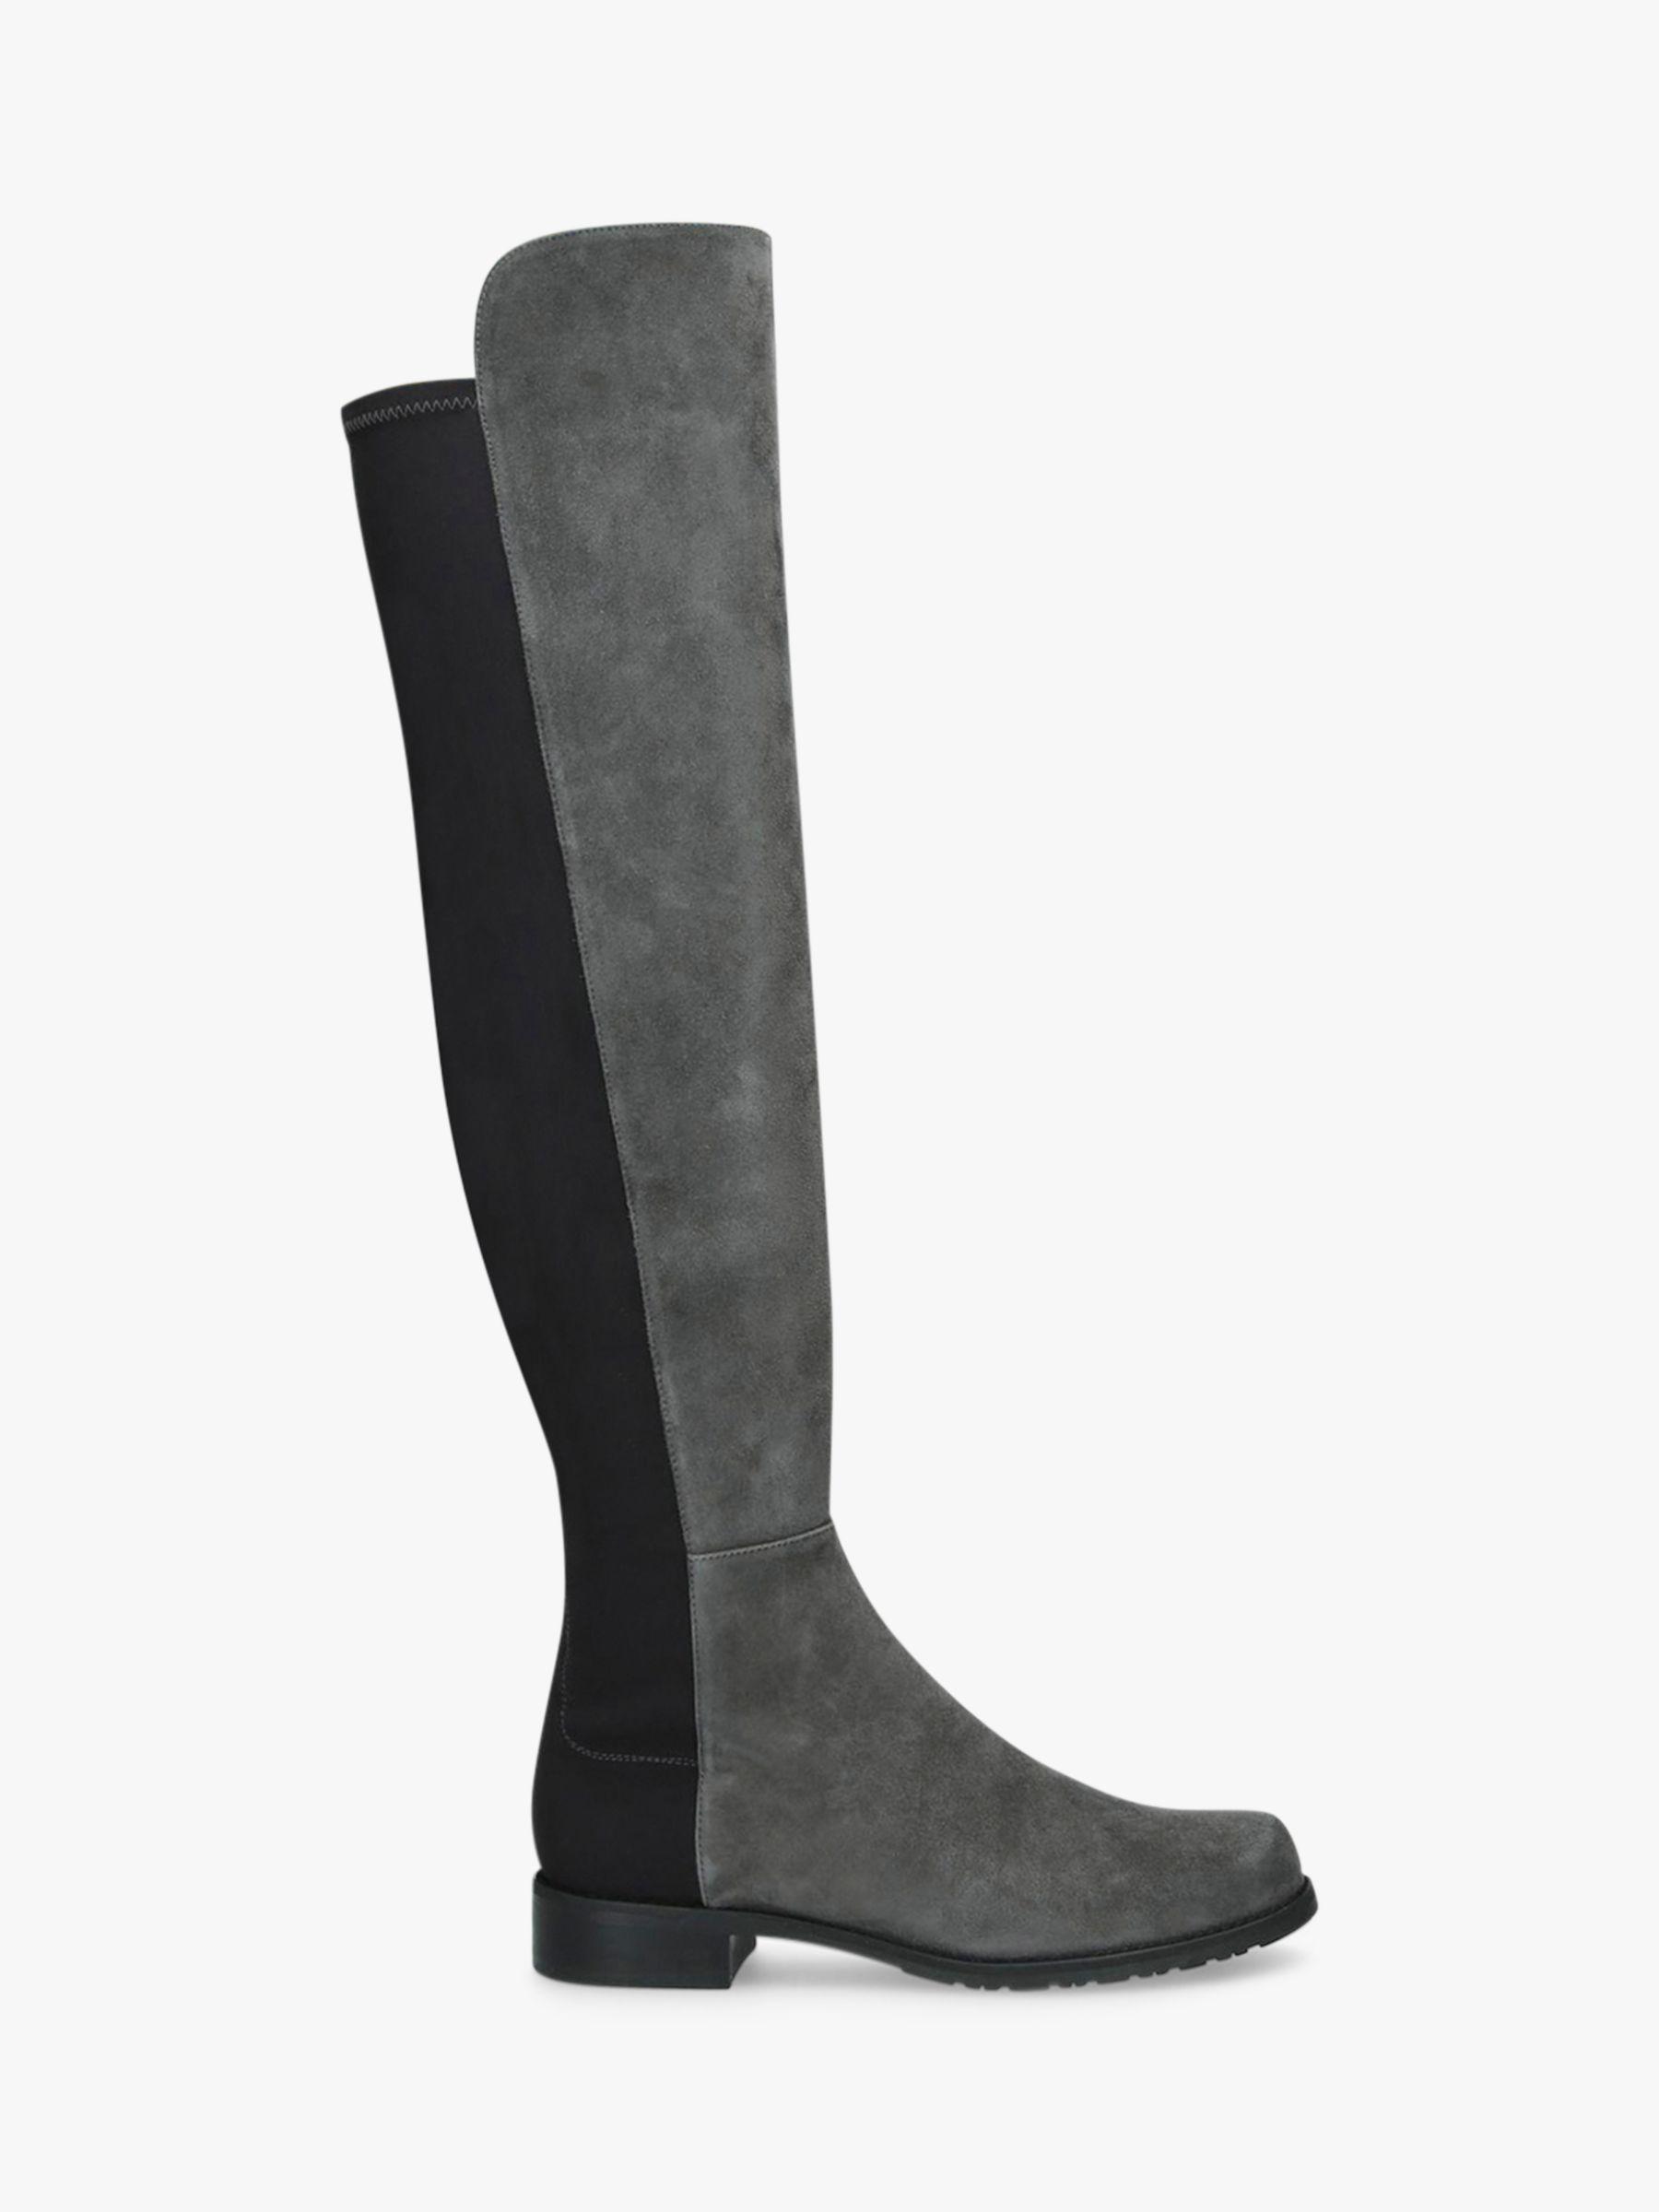 Stuart Weitzman Stuart Weitzman 50:50 Block Heel Knee High Boots